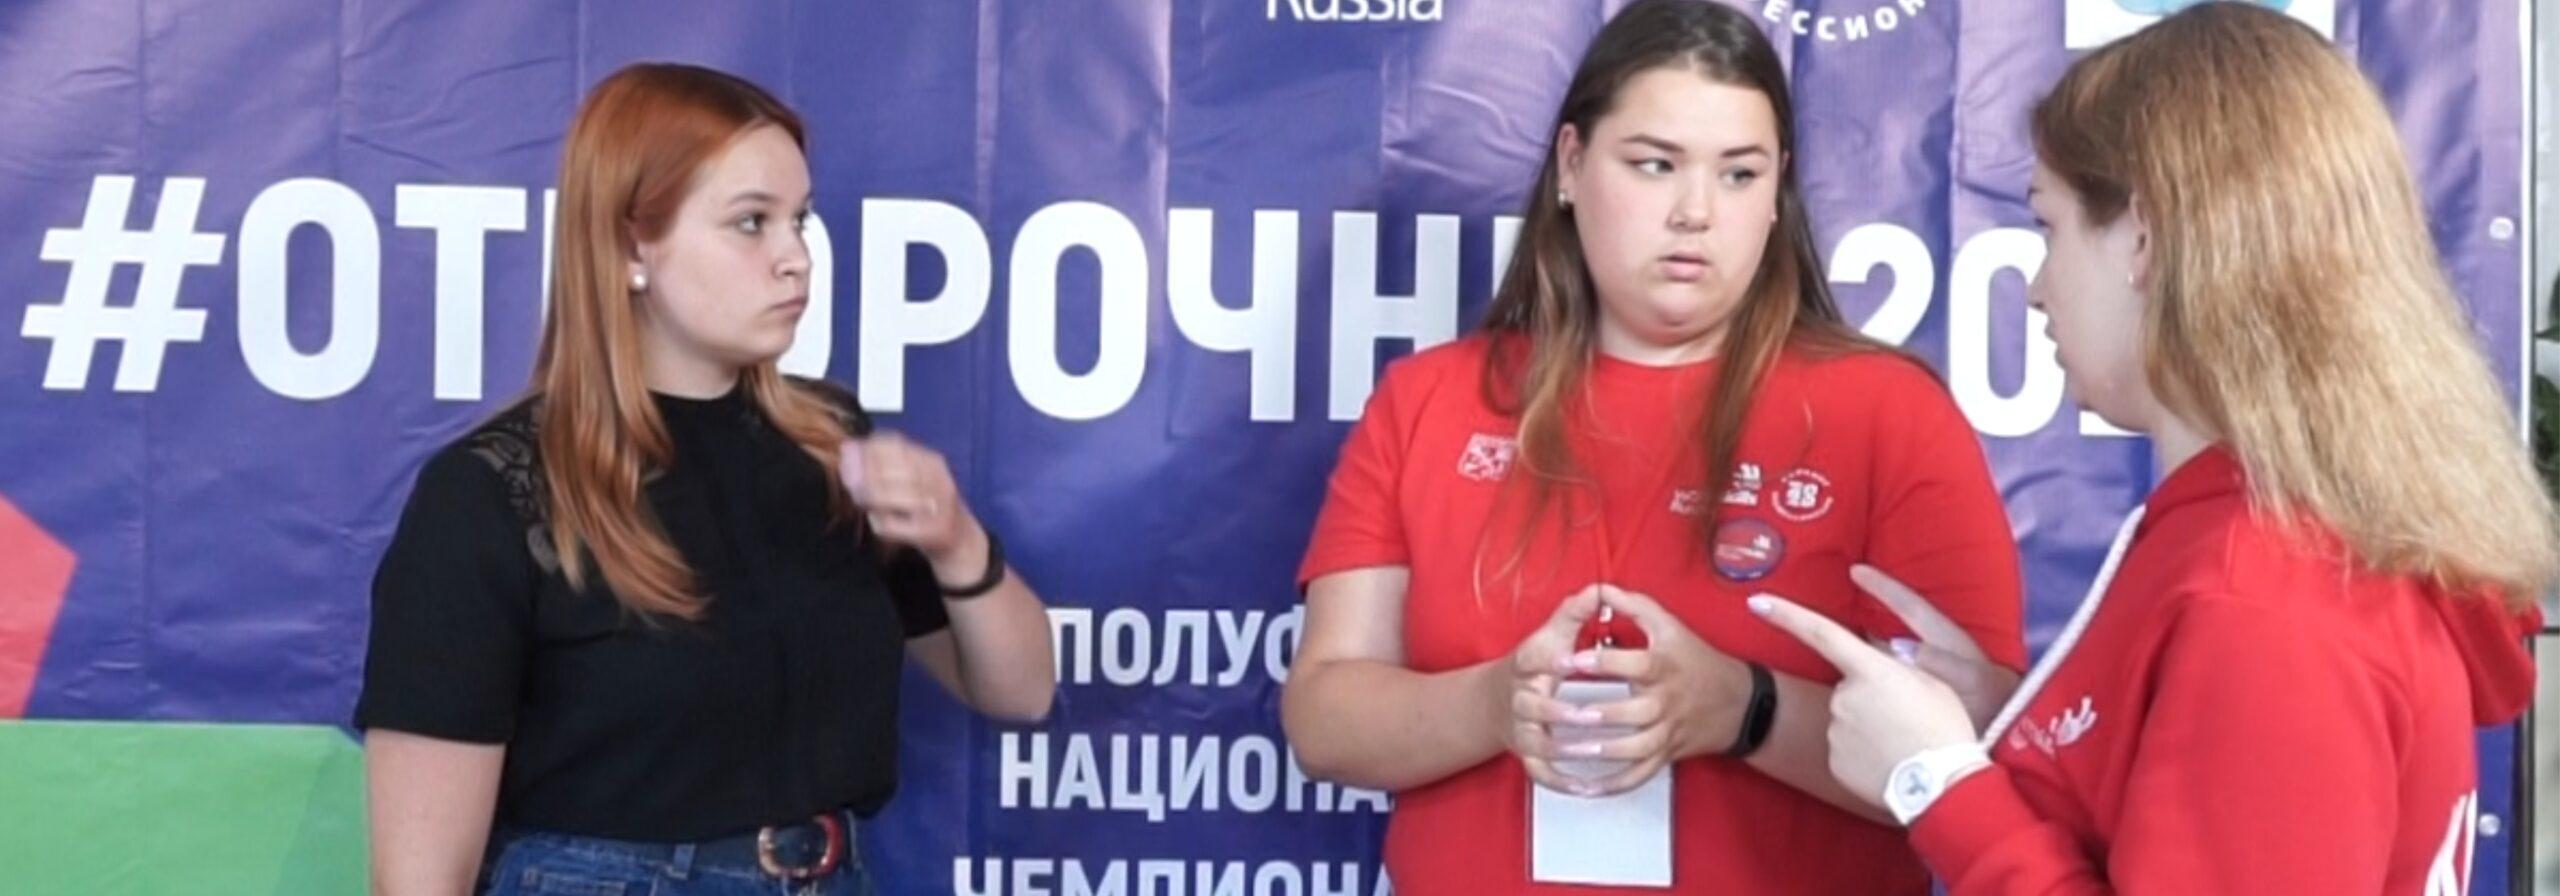 Ленинградская область: первая неделя отборочных соревнований